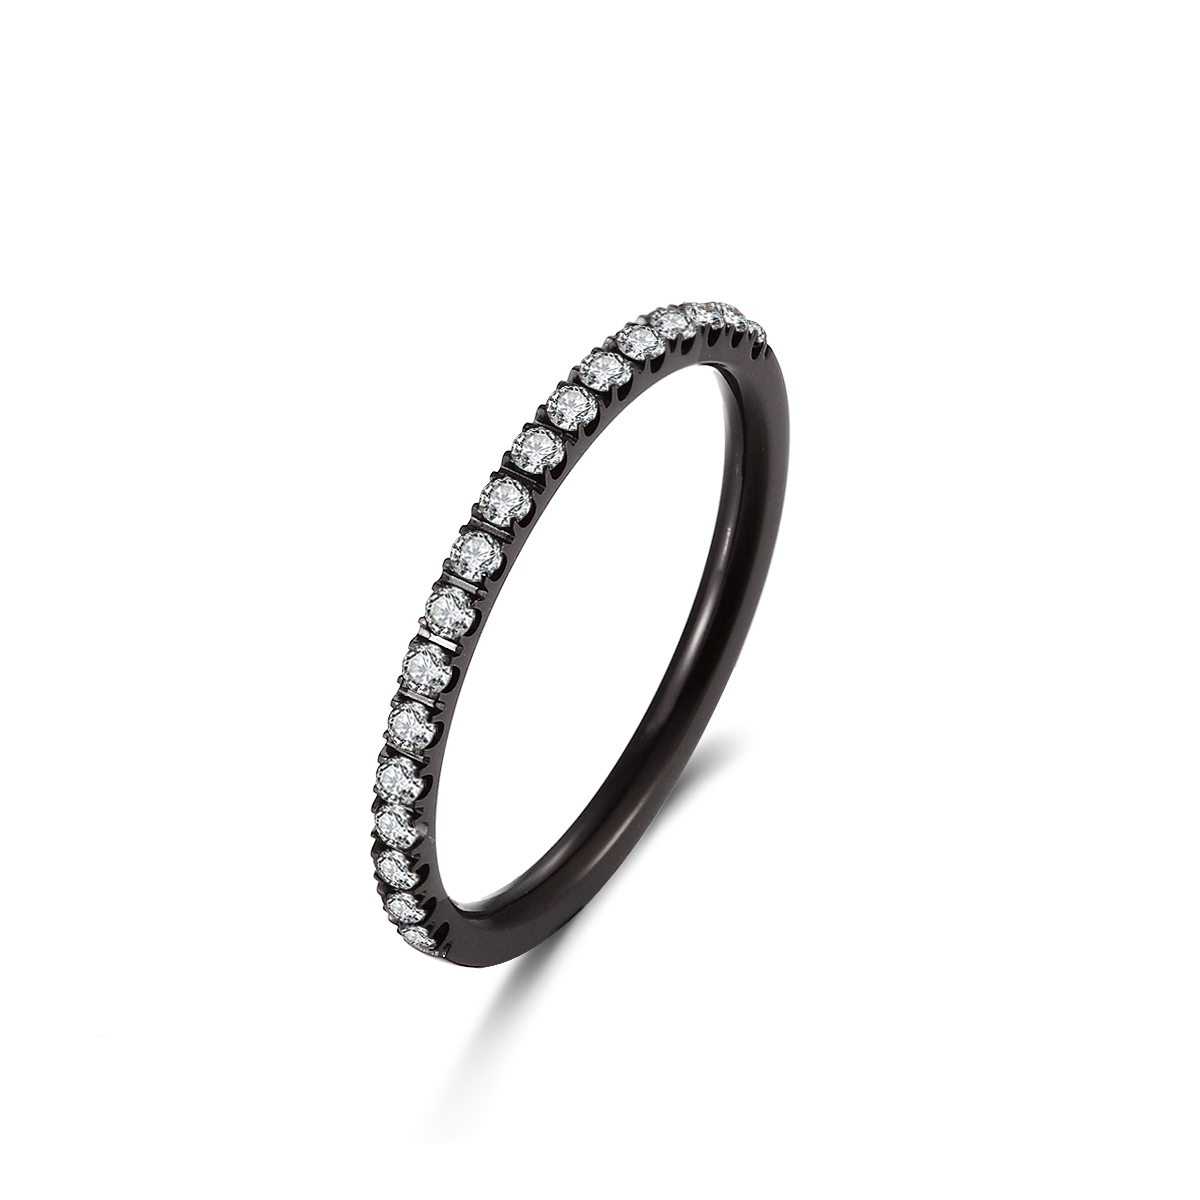 Sort stål ring med zirkonia - 1405013 størrelse 50 fra ice diamonds by kranz fra brodersen + kobborg